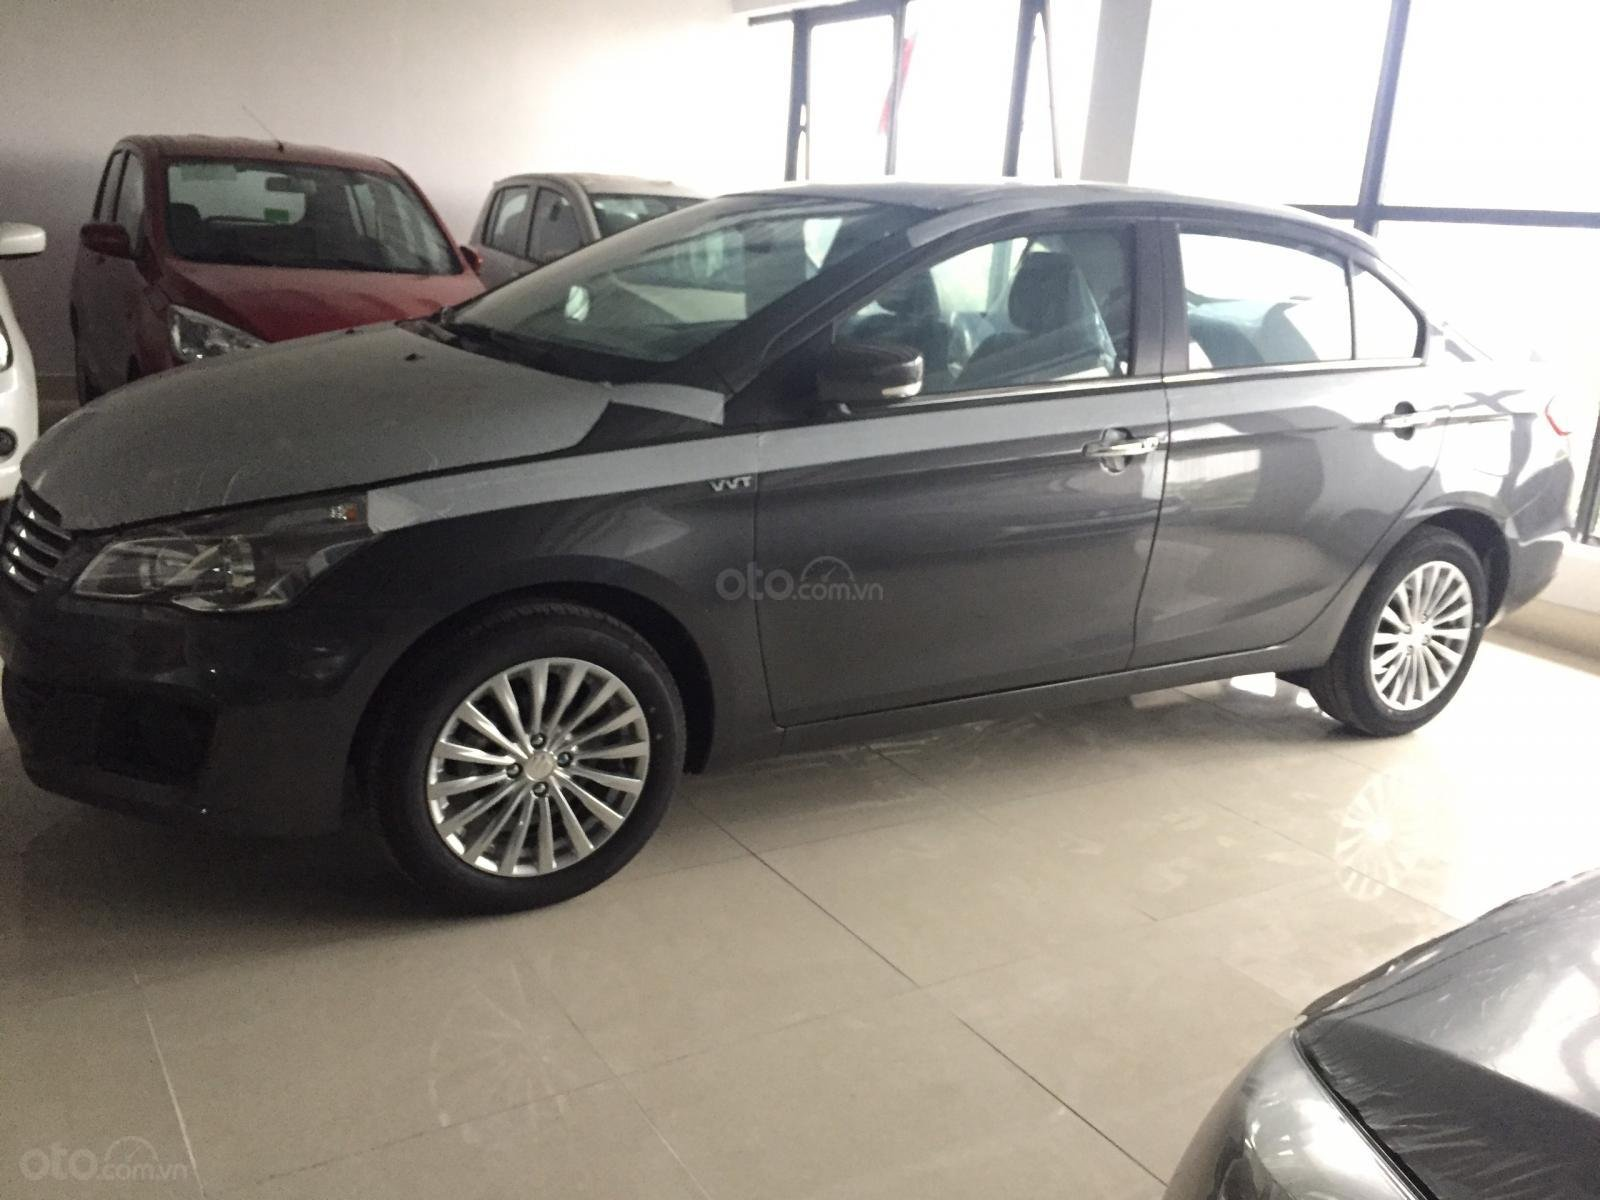 Còn một chiếc màu trắng Ngọc Trinh ai mua xe liên hệ Ngọc nhé - 0967389309, hỗ trợ ngân hàng cực tốt (1)